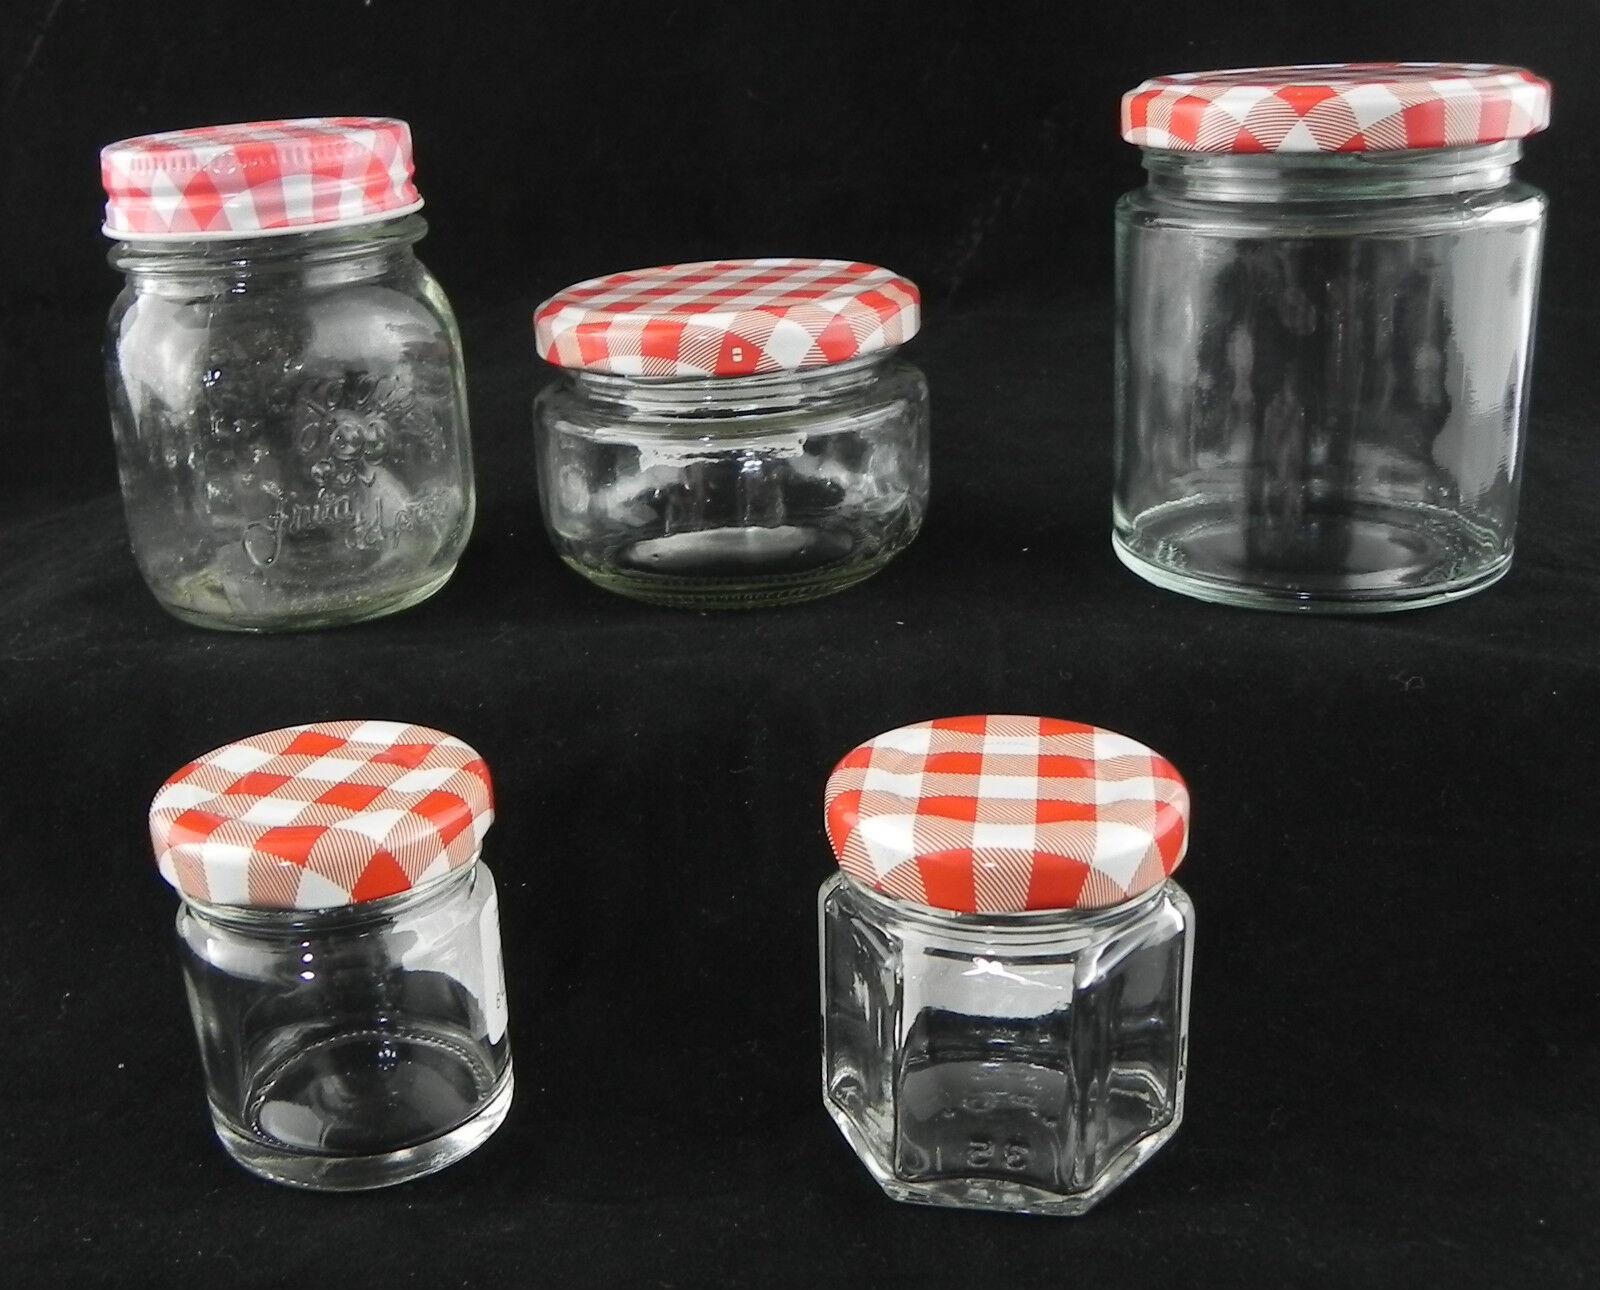 barattolo vasetto in vetro confetture conserve tonno sale agriturismo bomboniera